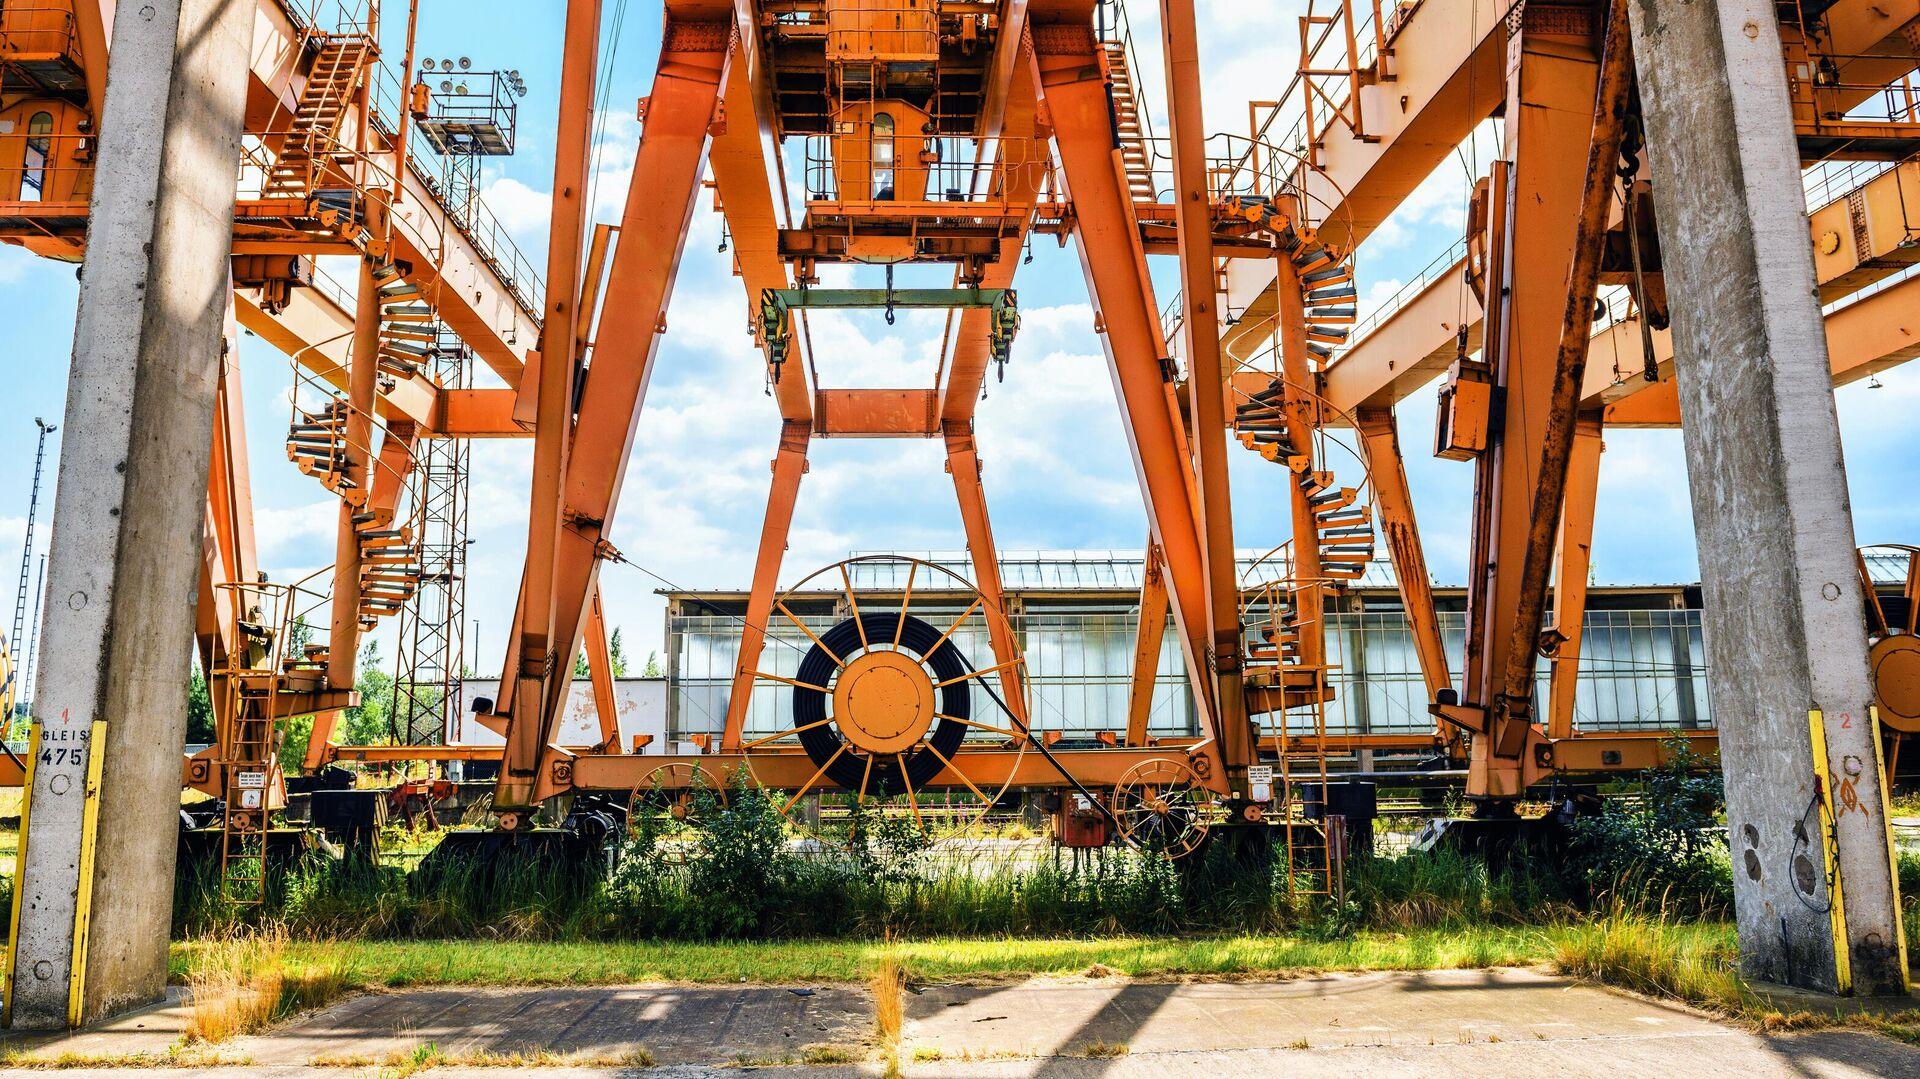 На территории немецкого порта Мукран на острове Рюген - РИА Новости, 1920, 02.08.2021